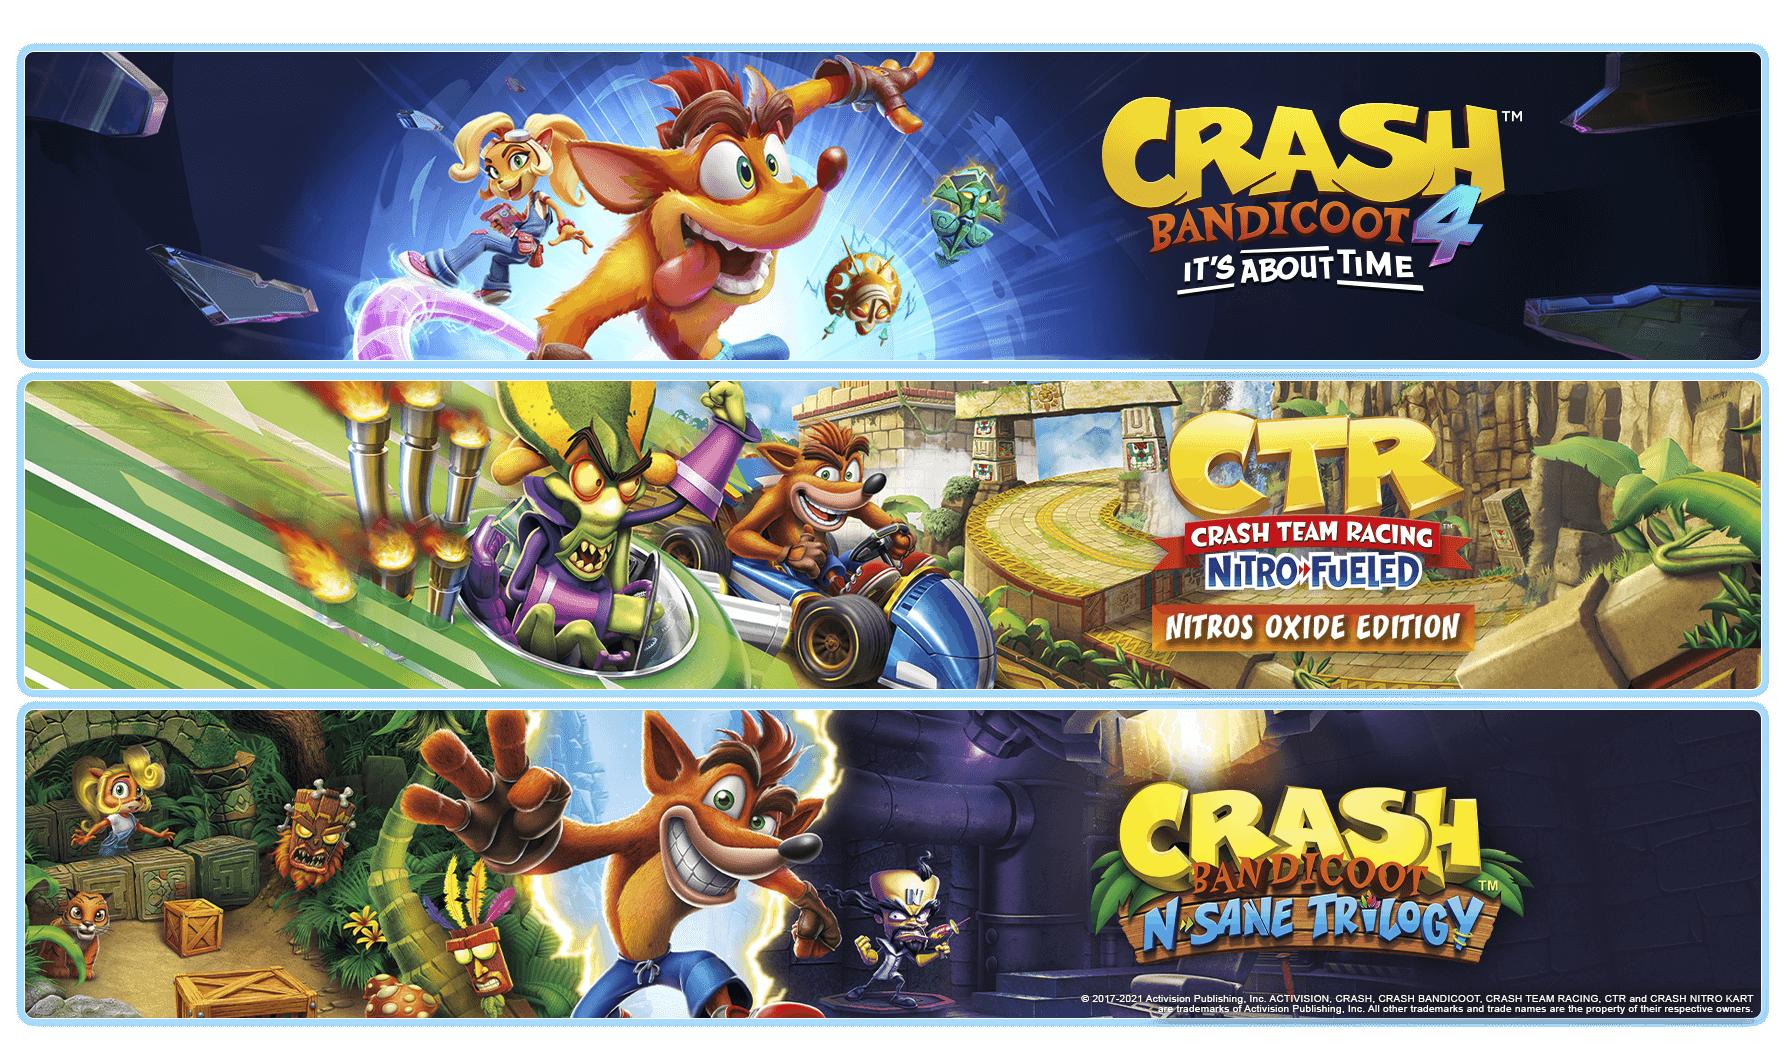 Crash Bandicoot Quadrilogy – obrázok balíčka z obchodu